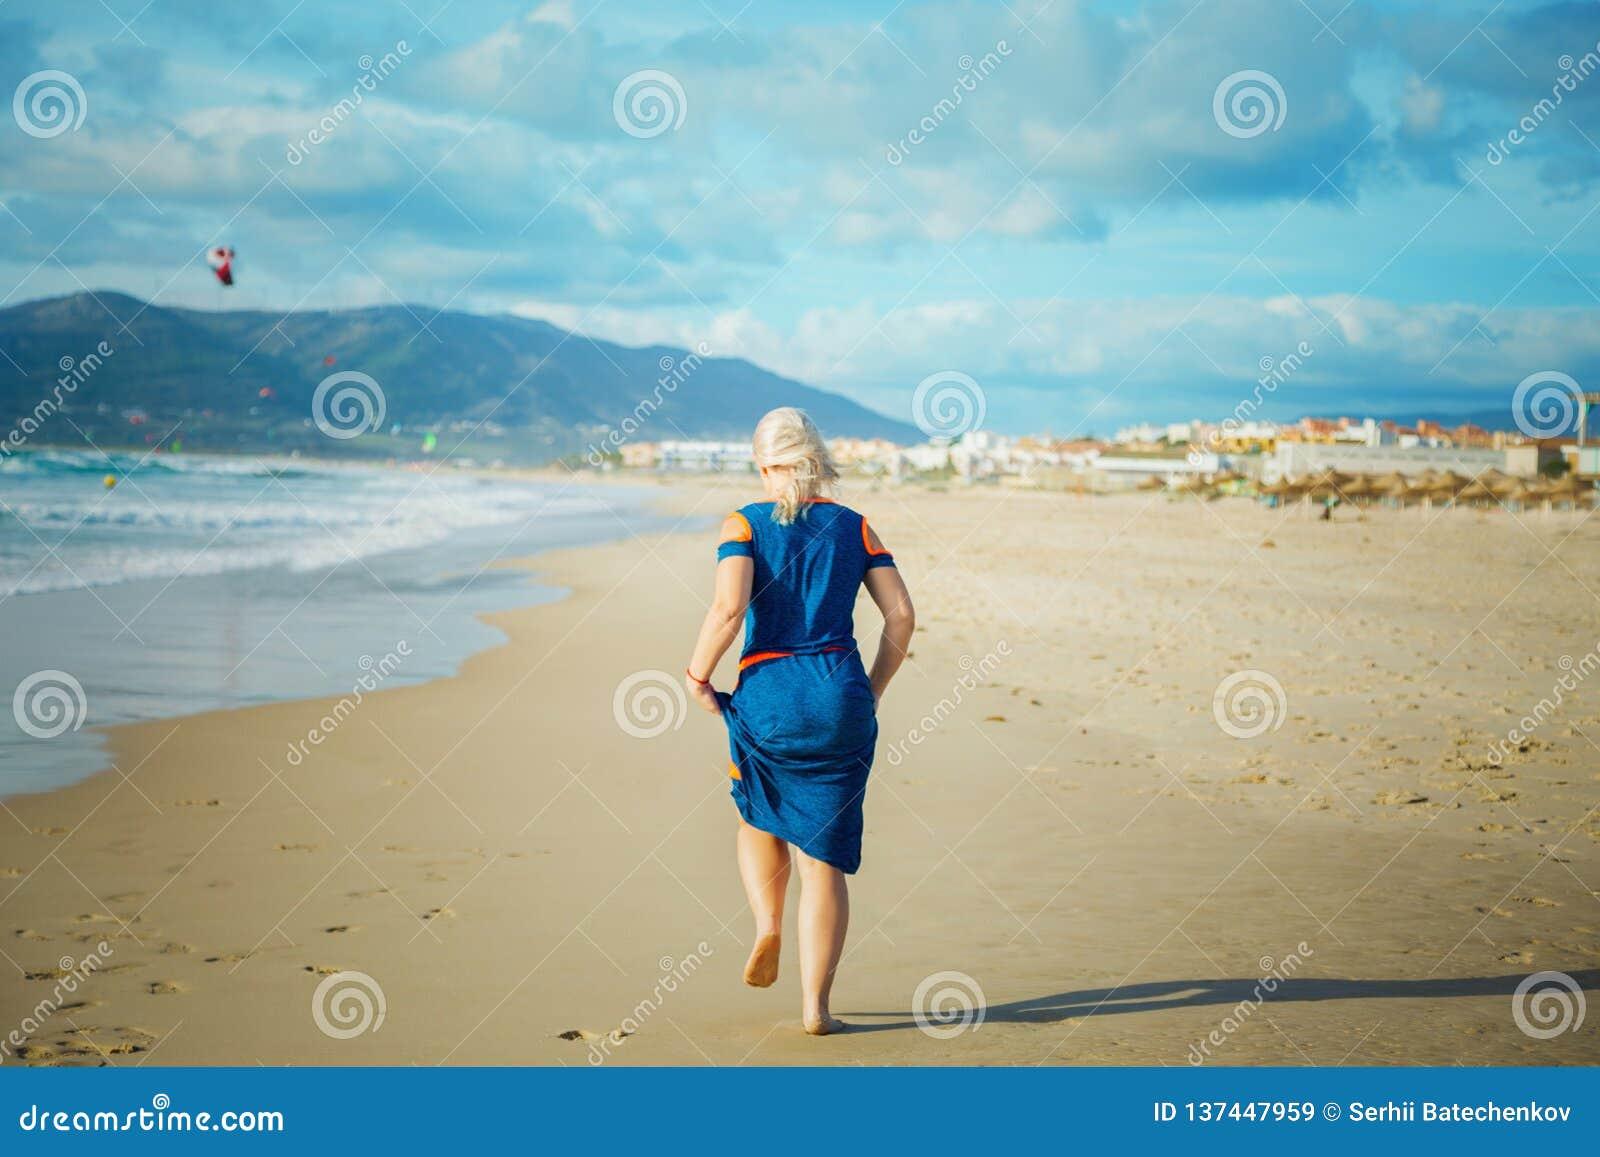 Kobieta biega na piaskowatej plaży